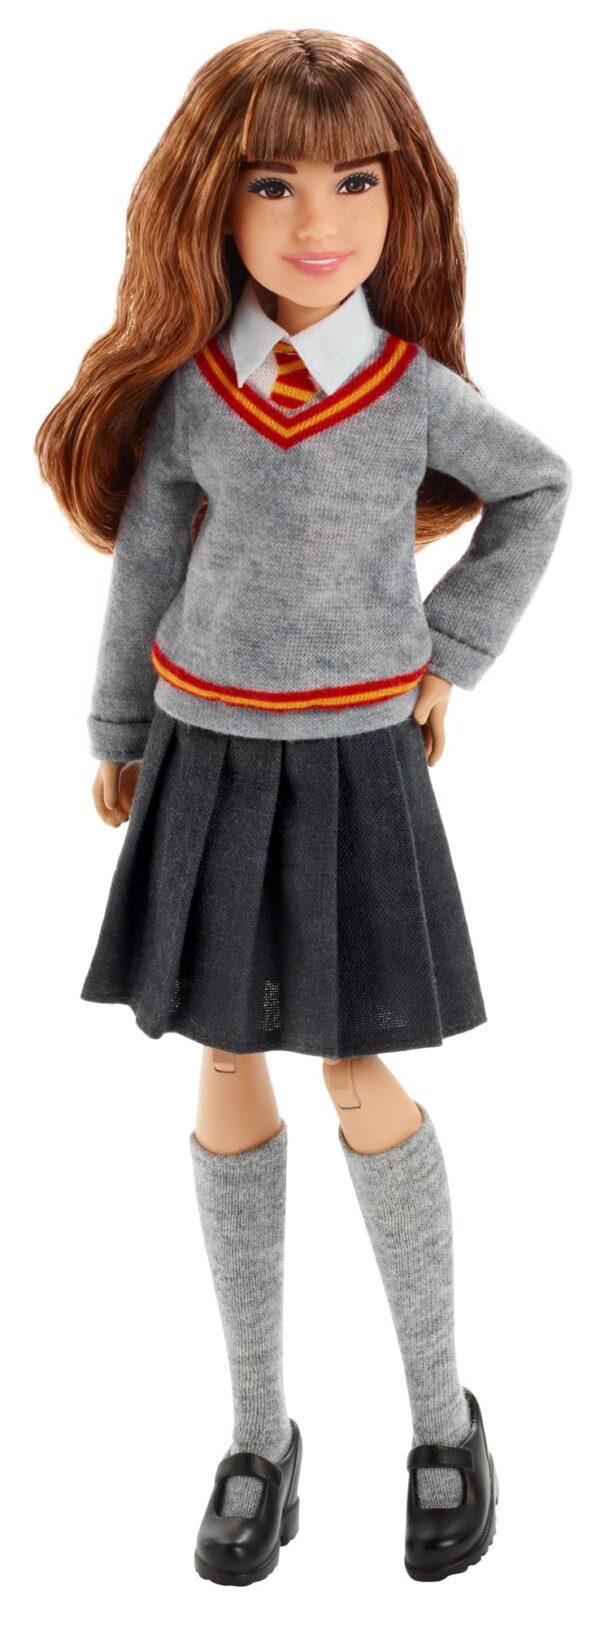 ALTRO HARRY POTTER Harry Potter e la Camera dei Segreti - personaggio di Hermione Granger Unisex 12+ Anni, 3-5 Anni, 5-8 Anni, 8-12 Anni